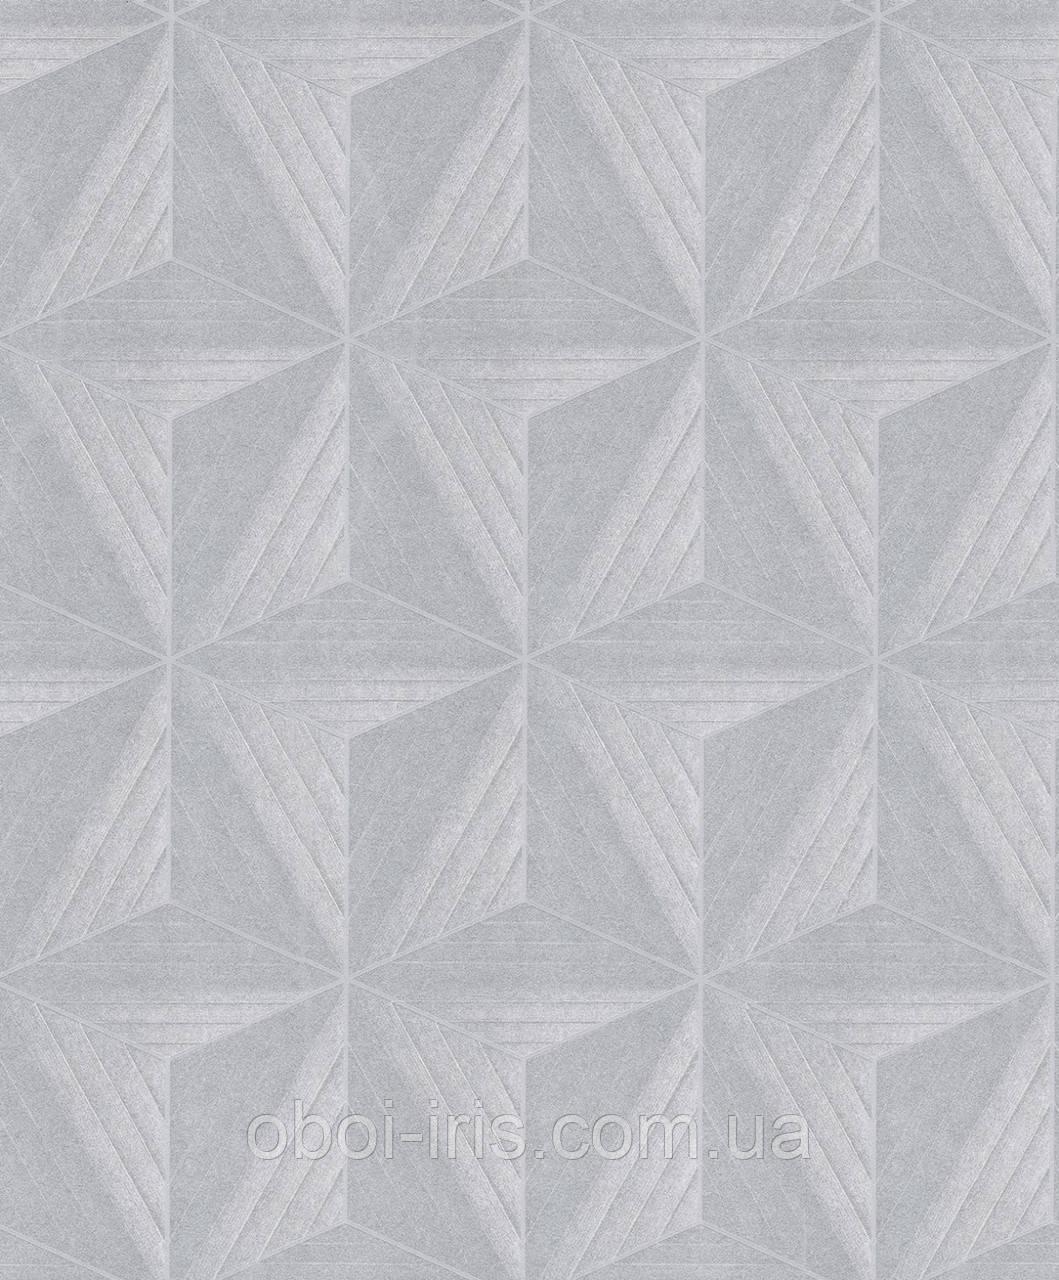 GLA002 шпалери Glasshouse Khroma Бельгія флізелінові